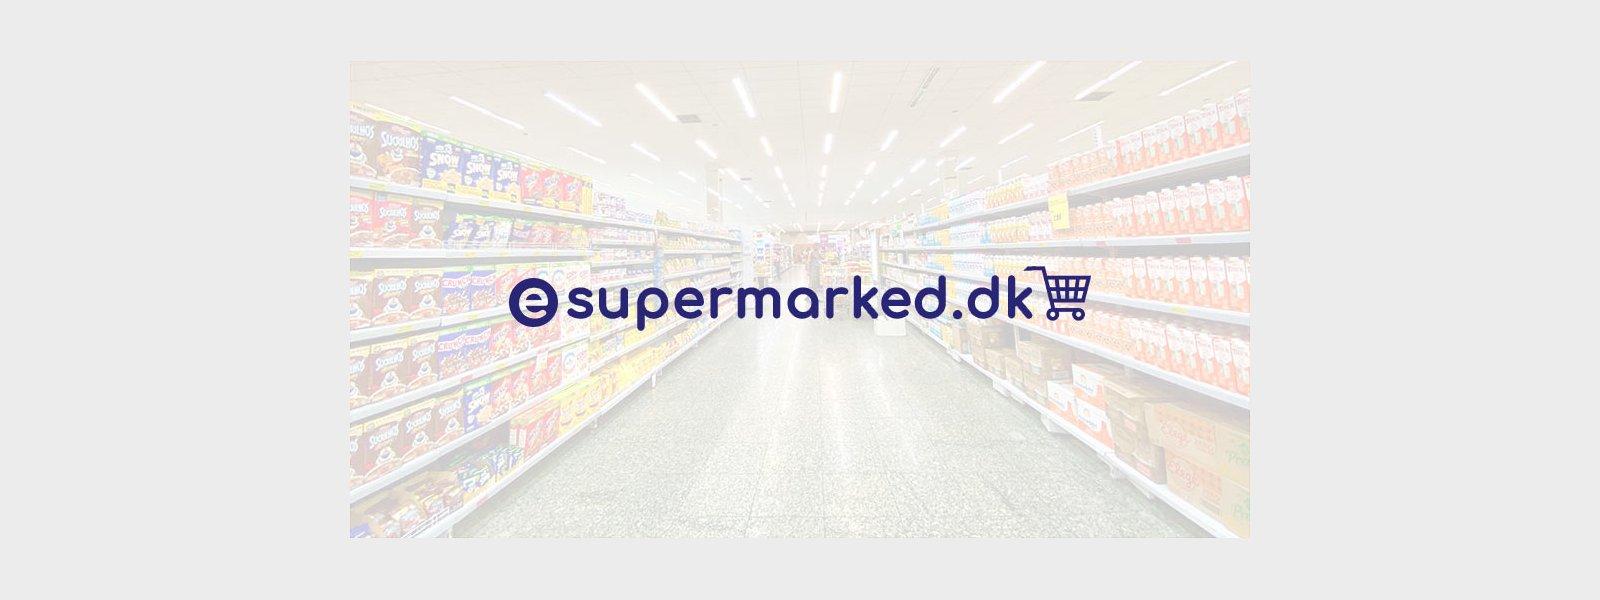 Velkommen til e-supermarked.dk!